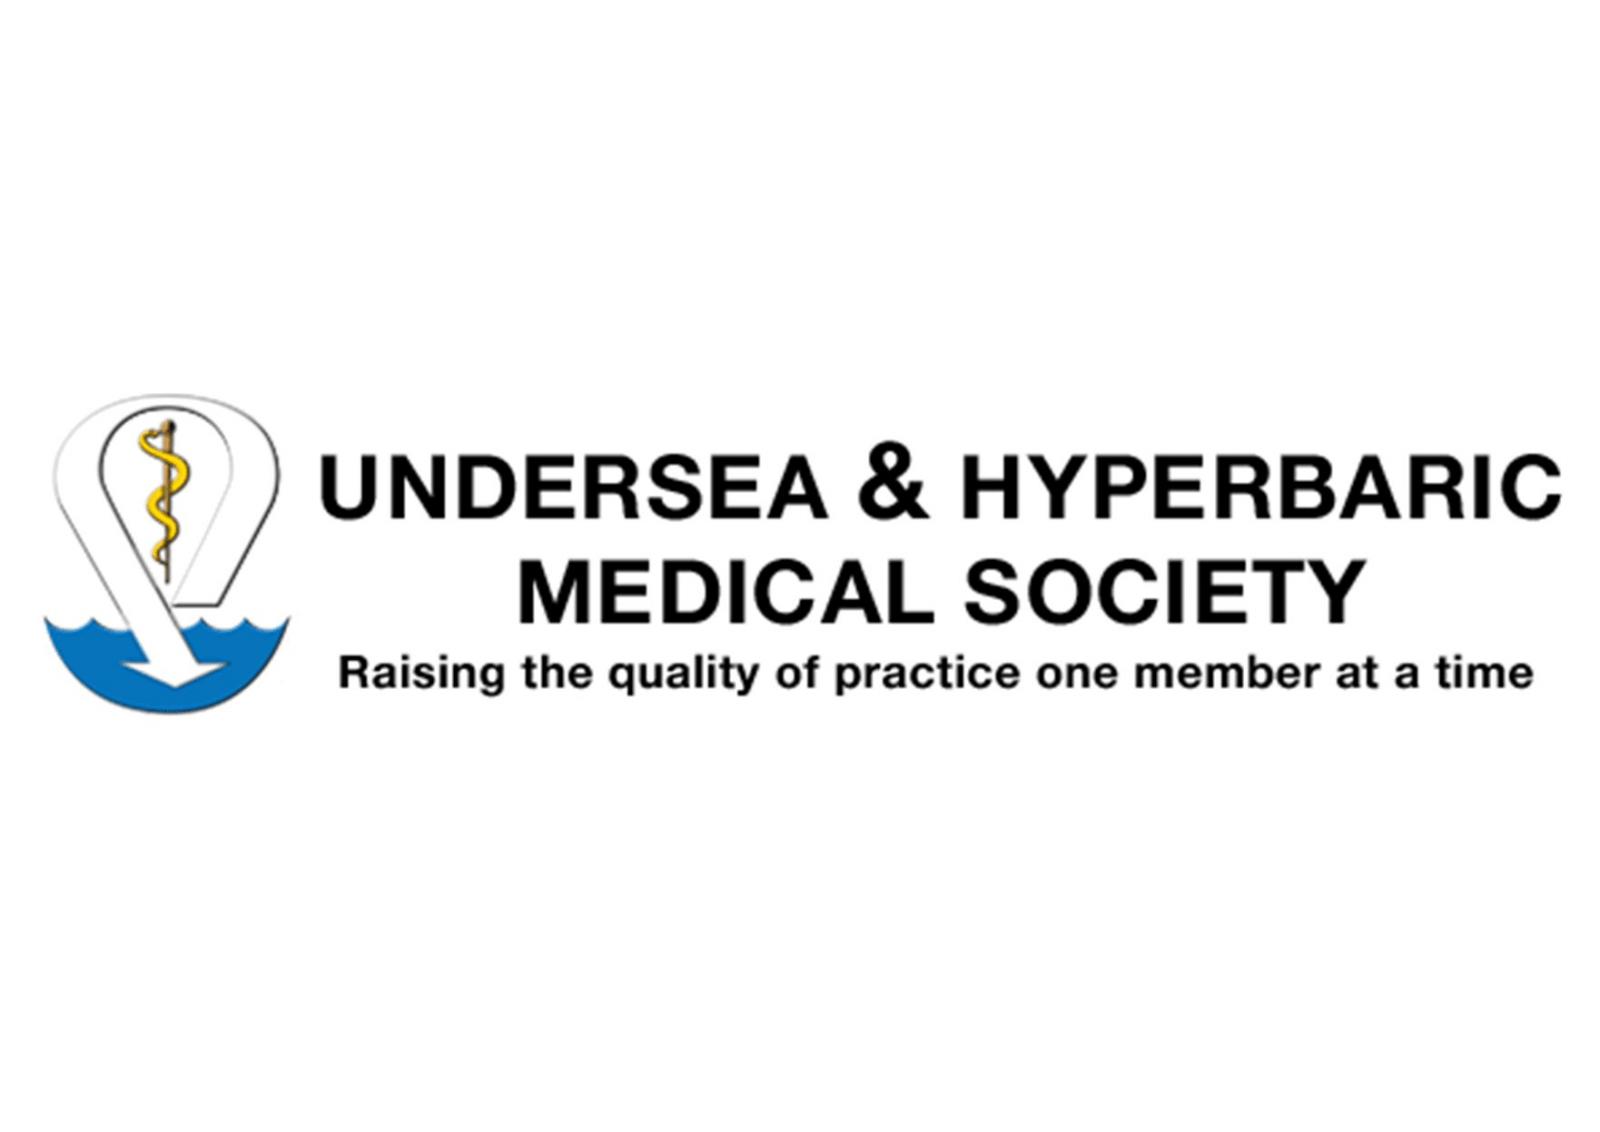 comunicado de la uhms   undersea and hyperbaric medical